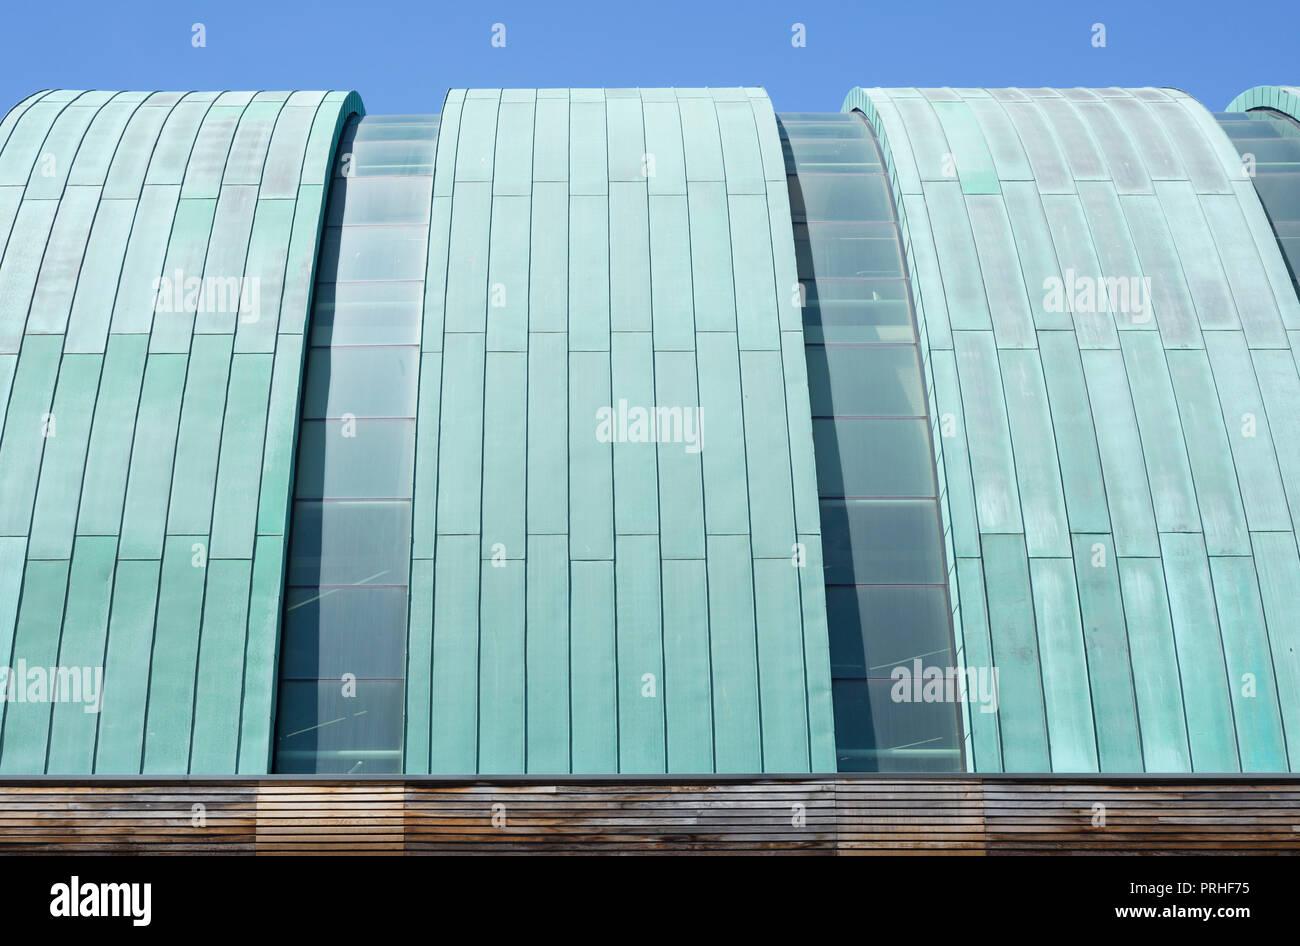 Metallo curvato-tetto rivestito di LC2 leisure center building, Swansea Immagini Stock